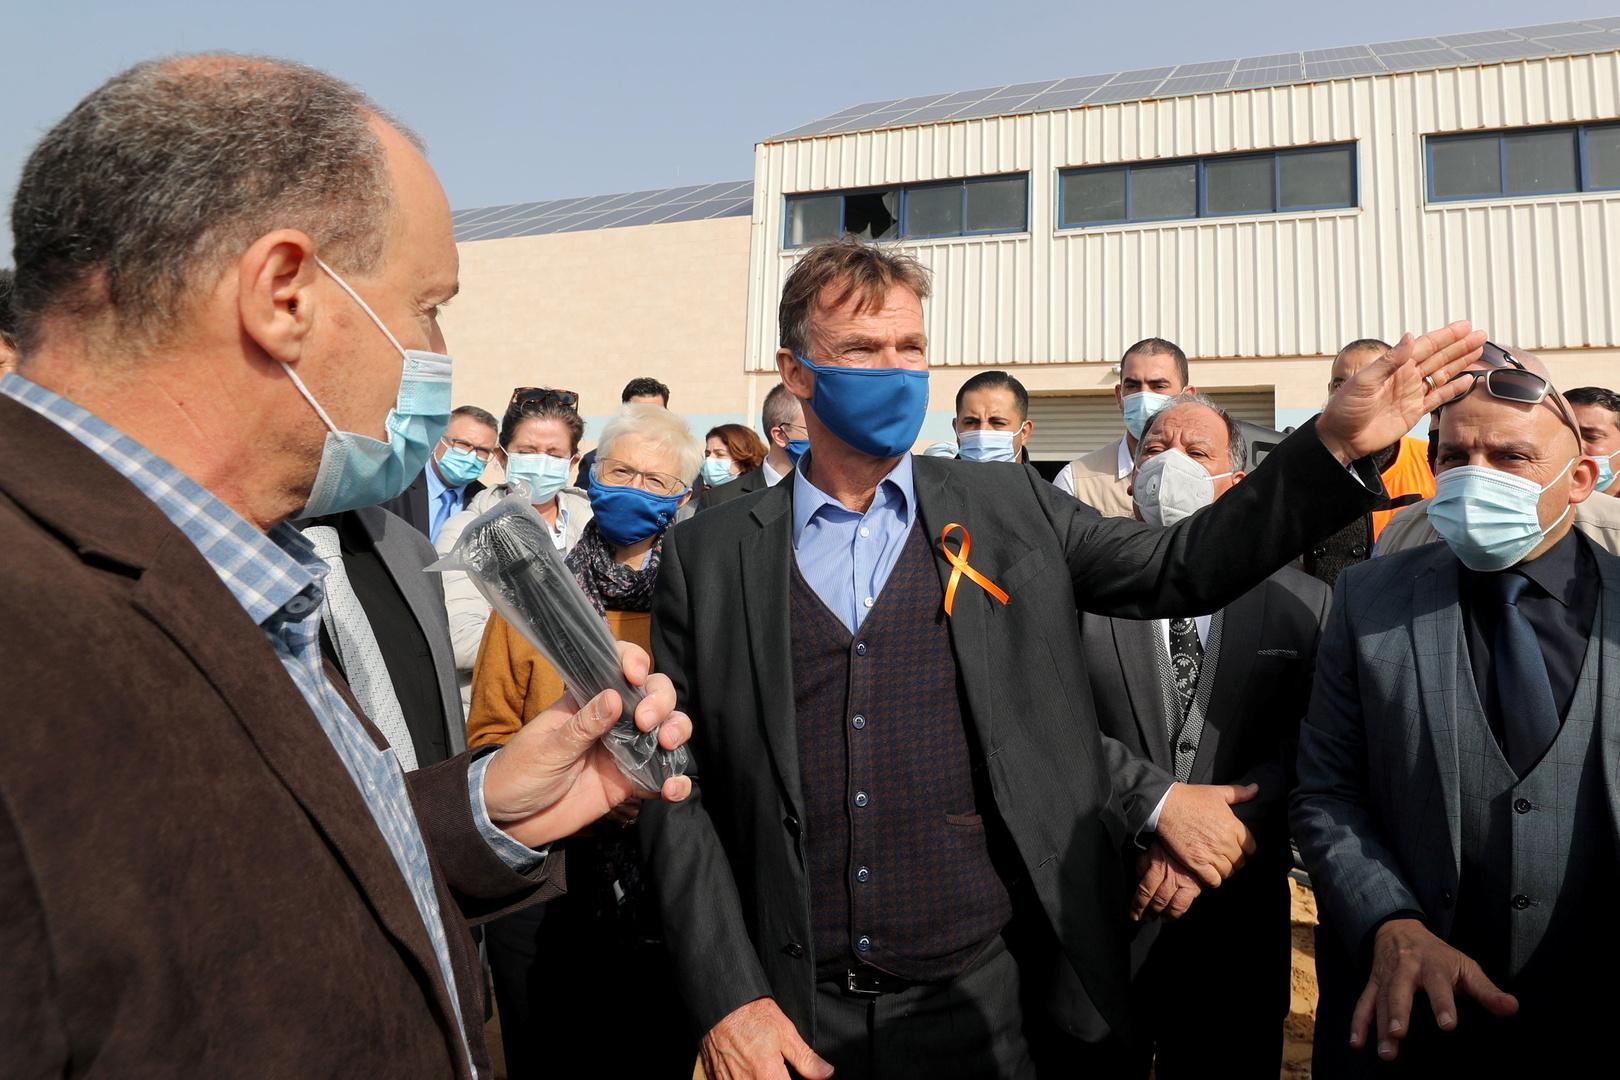 وفد من رؤساء بعثات الاتحاد الأوروبي يزور قطاع غزة